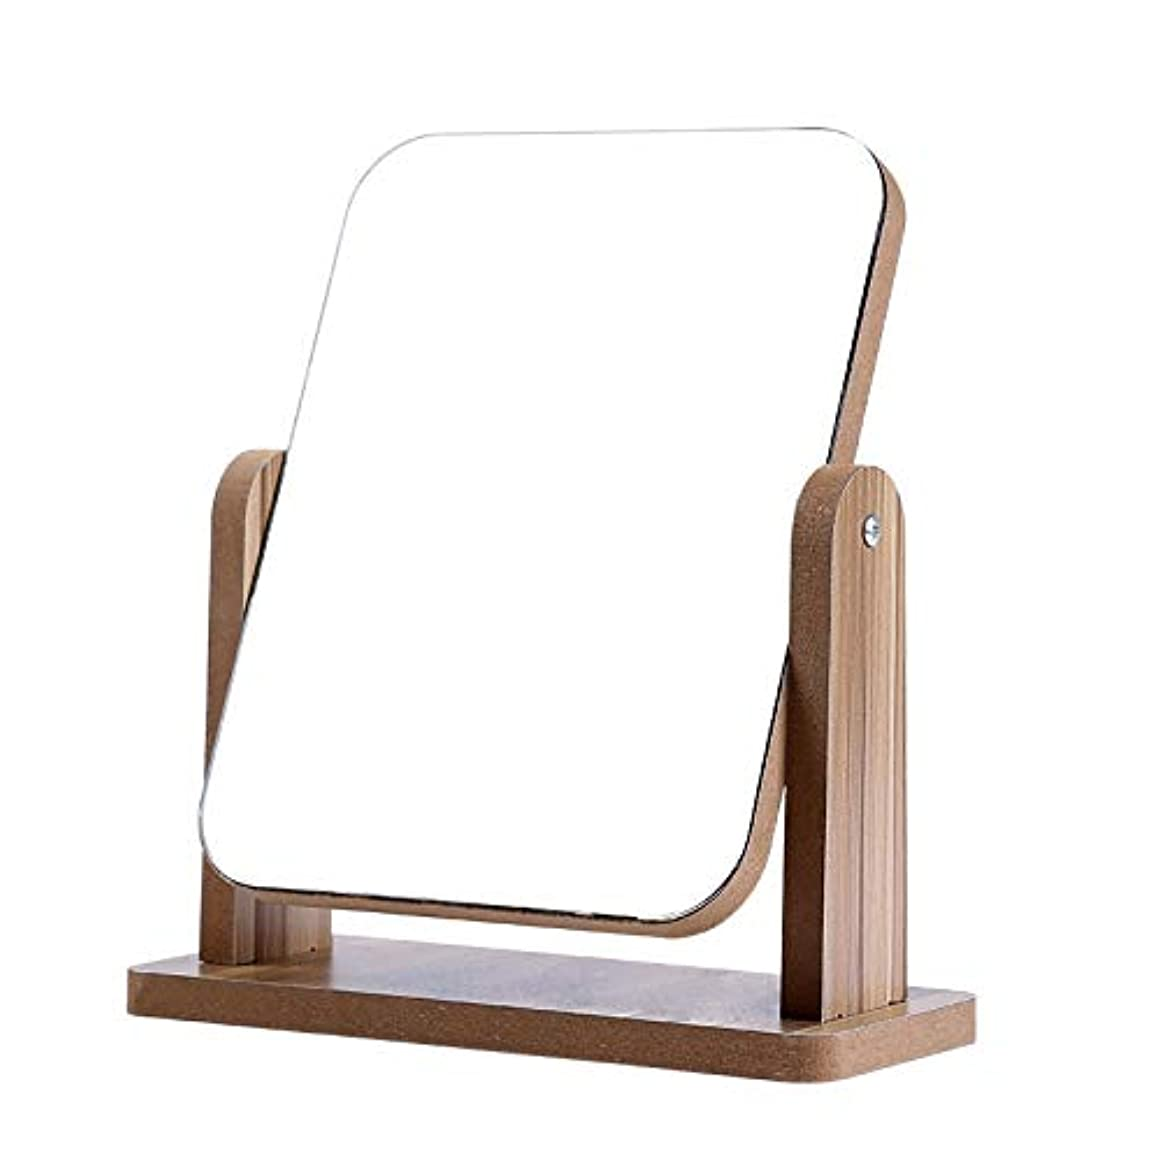 固執人工的なキュービックAnyasun 卓上ミラー 化粧ミラー メイクミラー 360度回転 スタンドミラー 化粧鏡 木目 (縦)